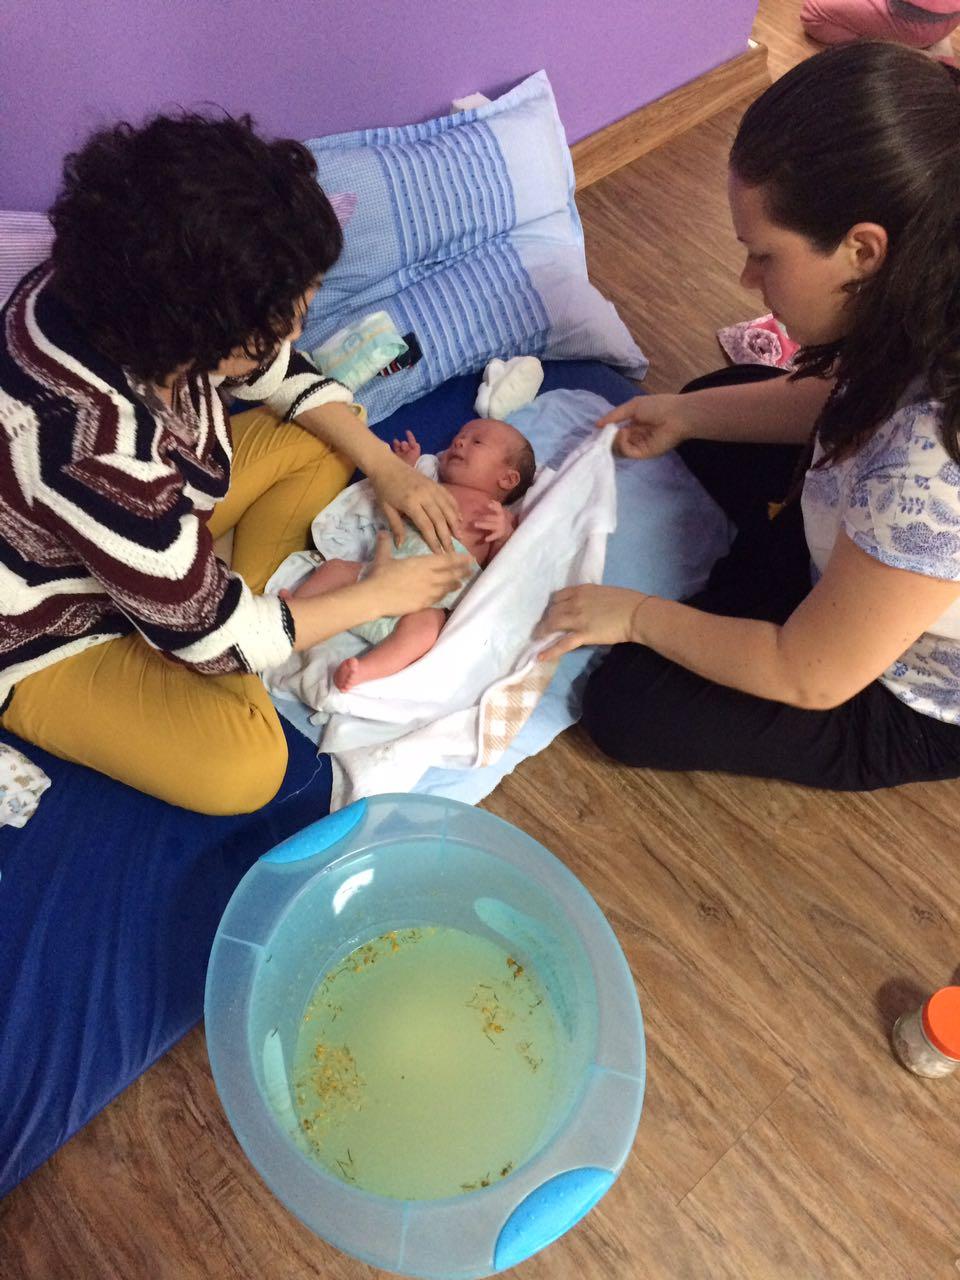 Doula ensina mãe a dar banho terapêutico (Foto: Diego Padgurschi)